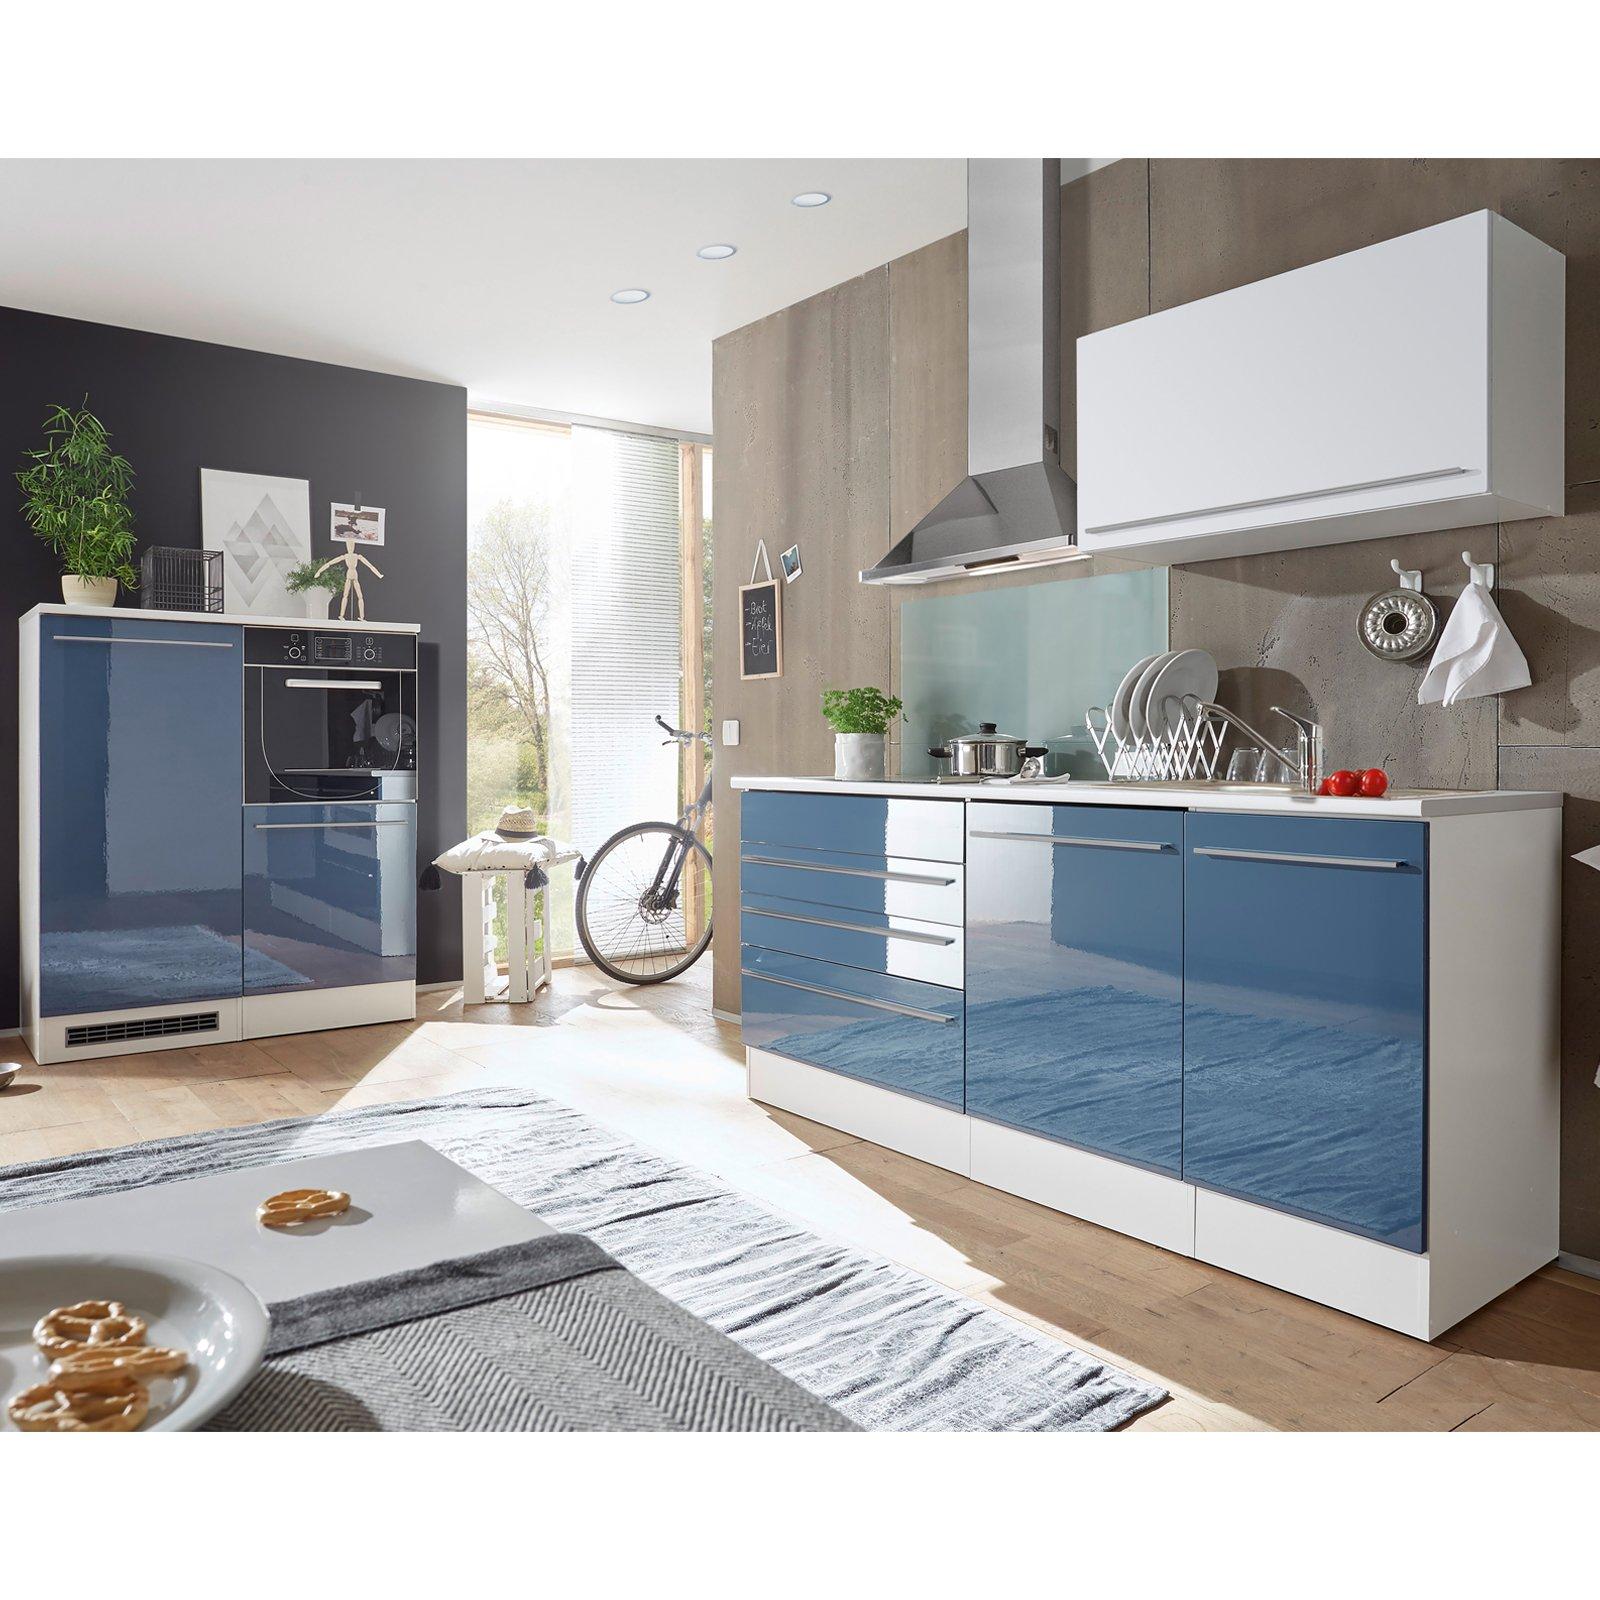 Full Size of Roller Küchen Kchenblock Blau Hochglanz Wei Matt 320 Cm Online Bei Regale Regal Wohnzimmer Roller Küchen